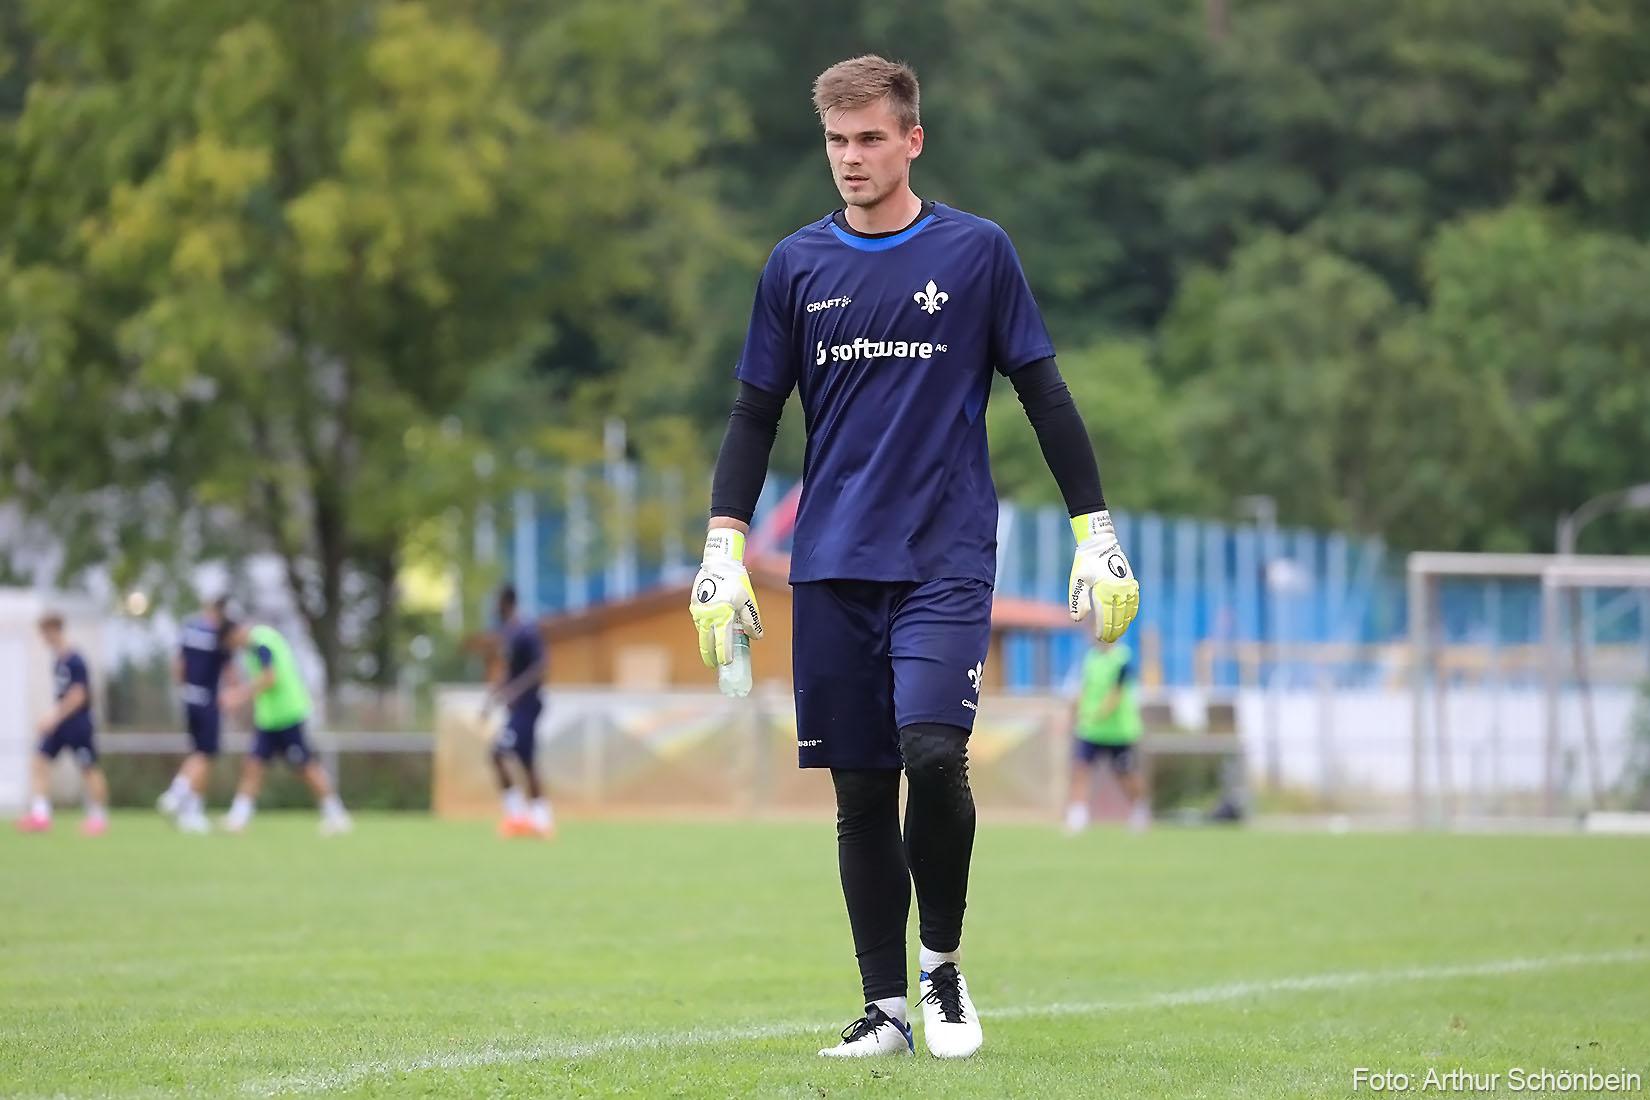 Morten Behrens vor dem nächsten Schritt